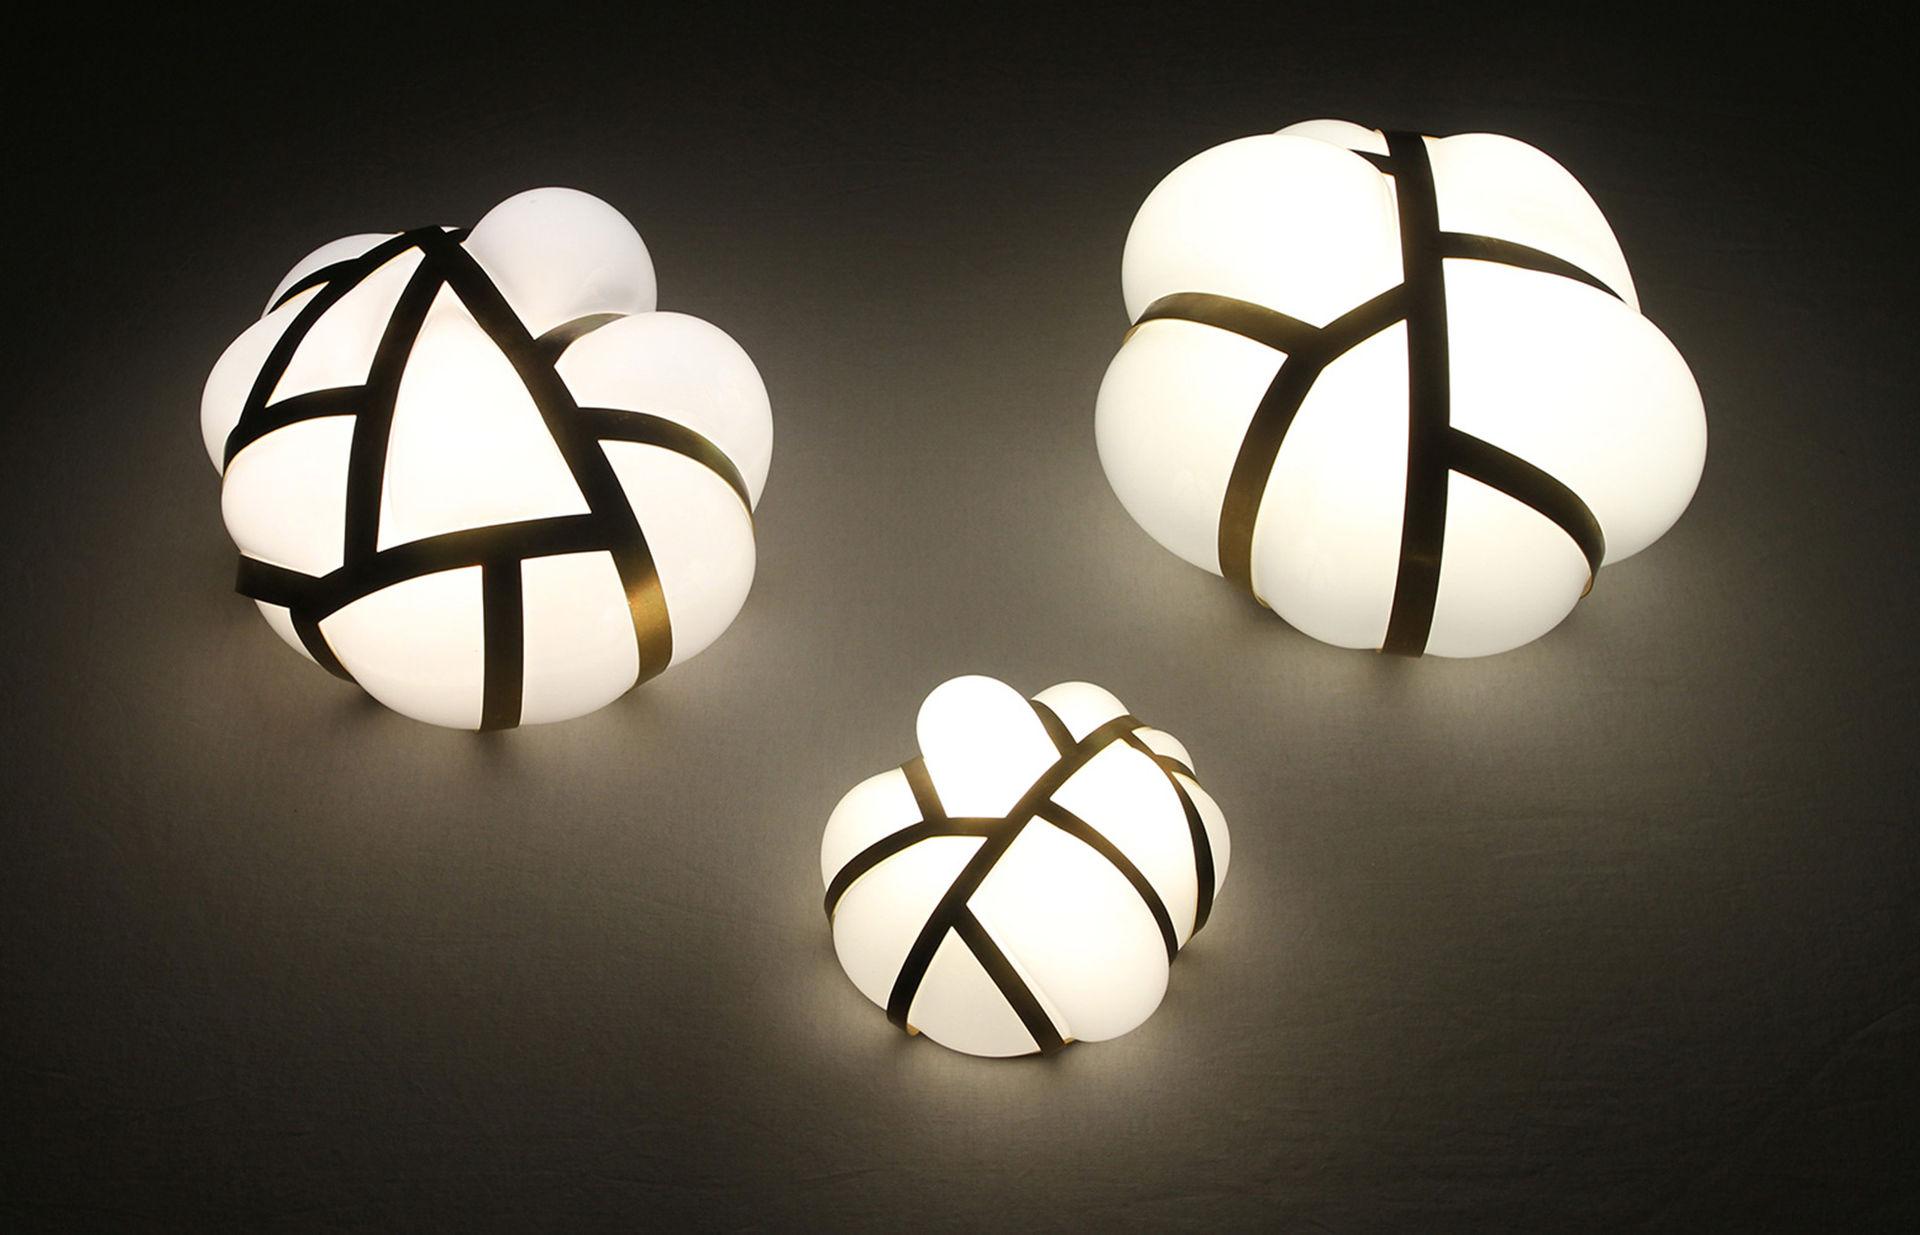 En lampa inspirerad av Mini:s ikoniska design